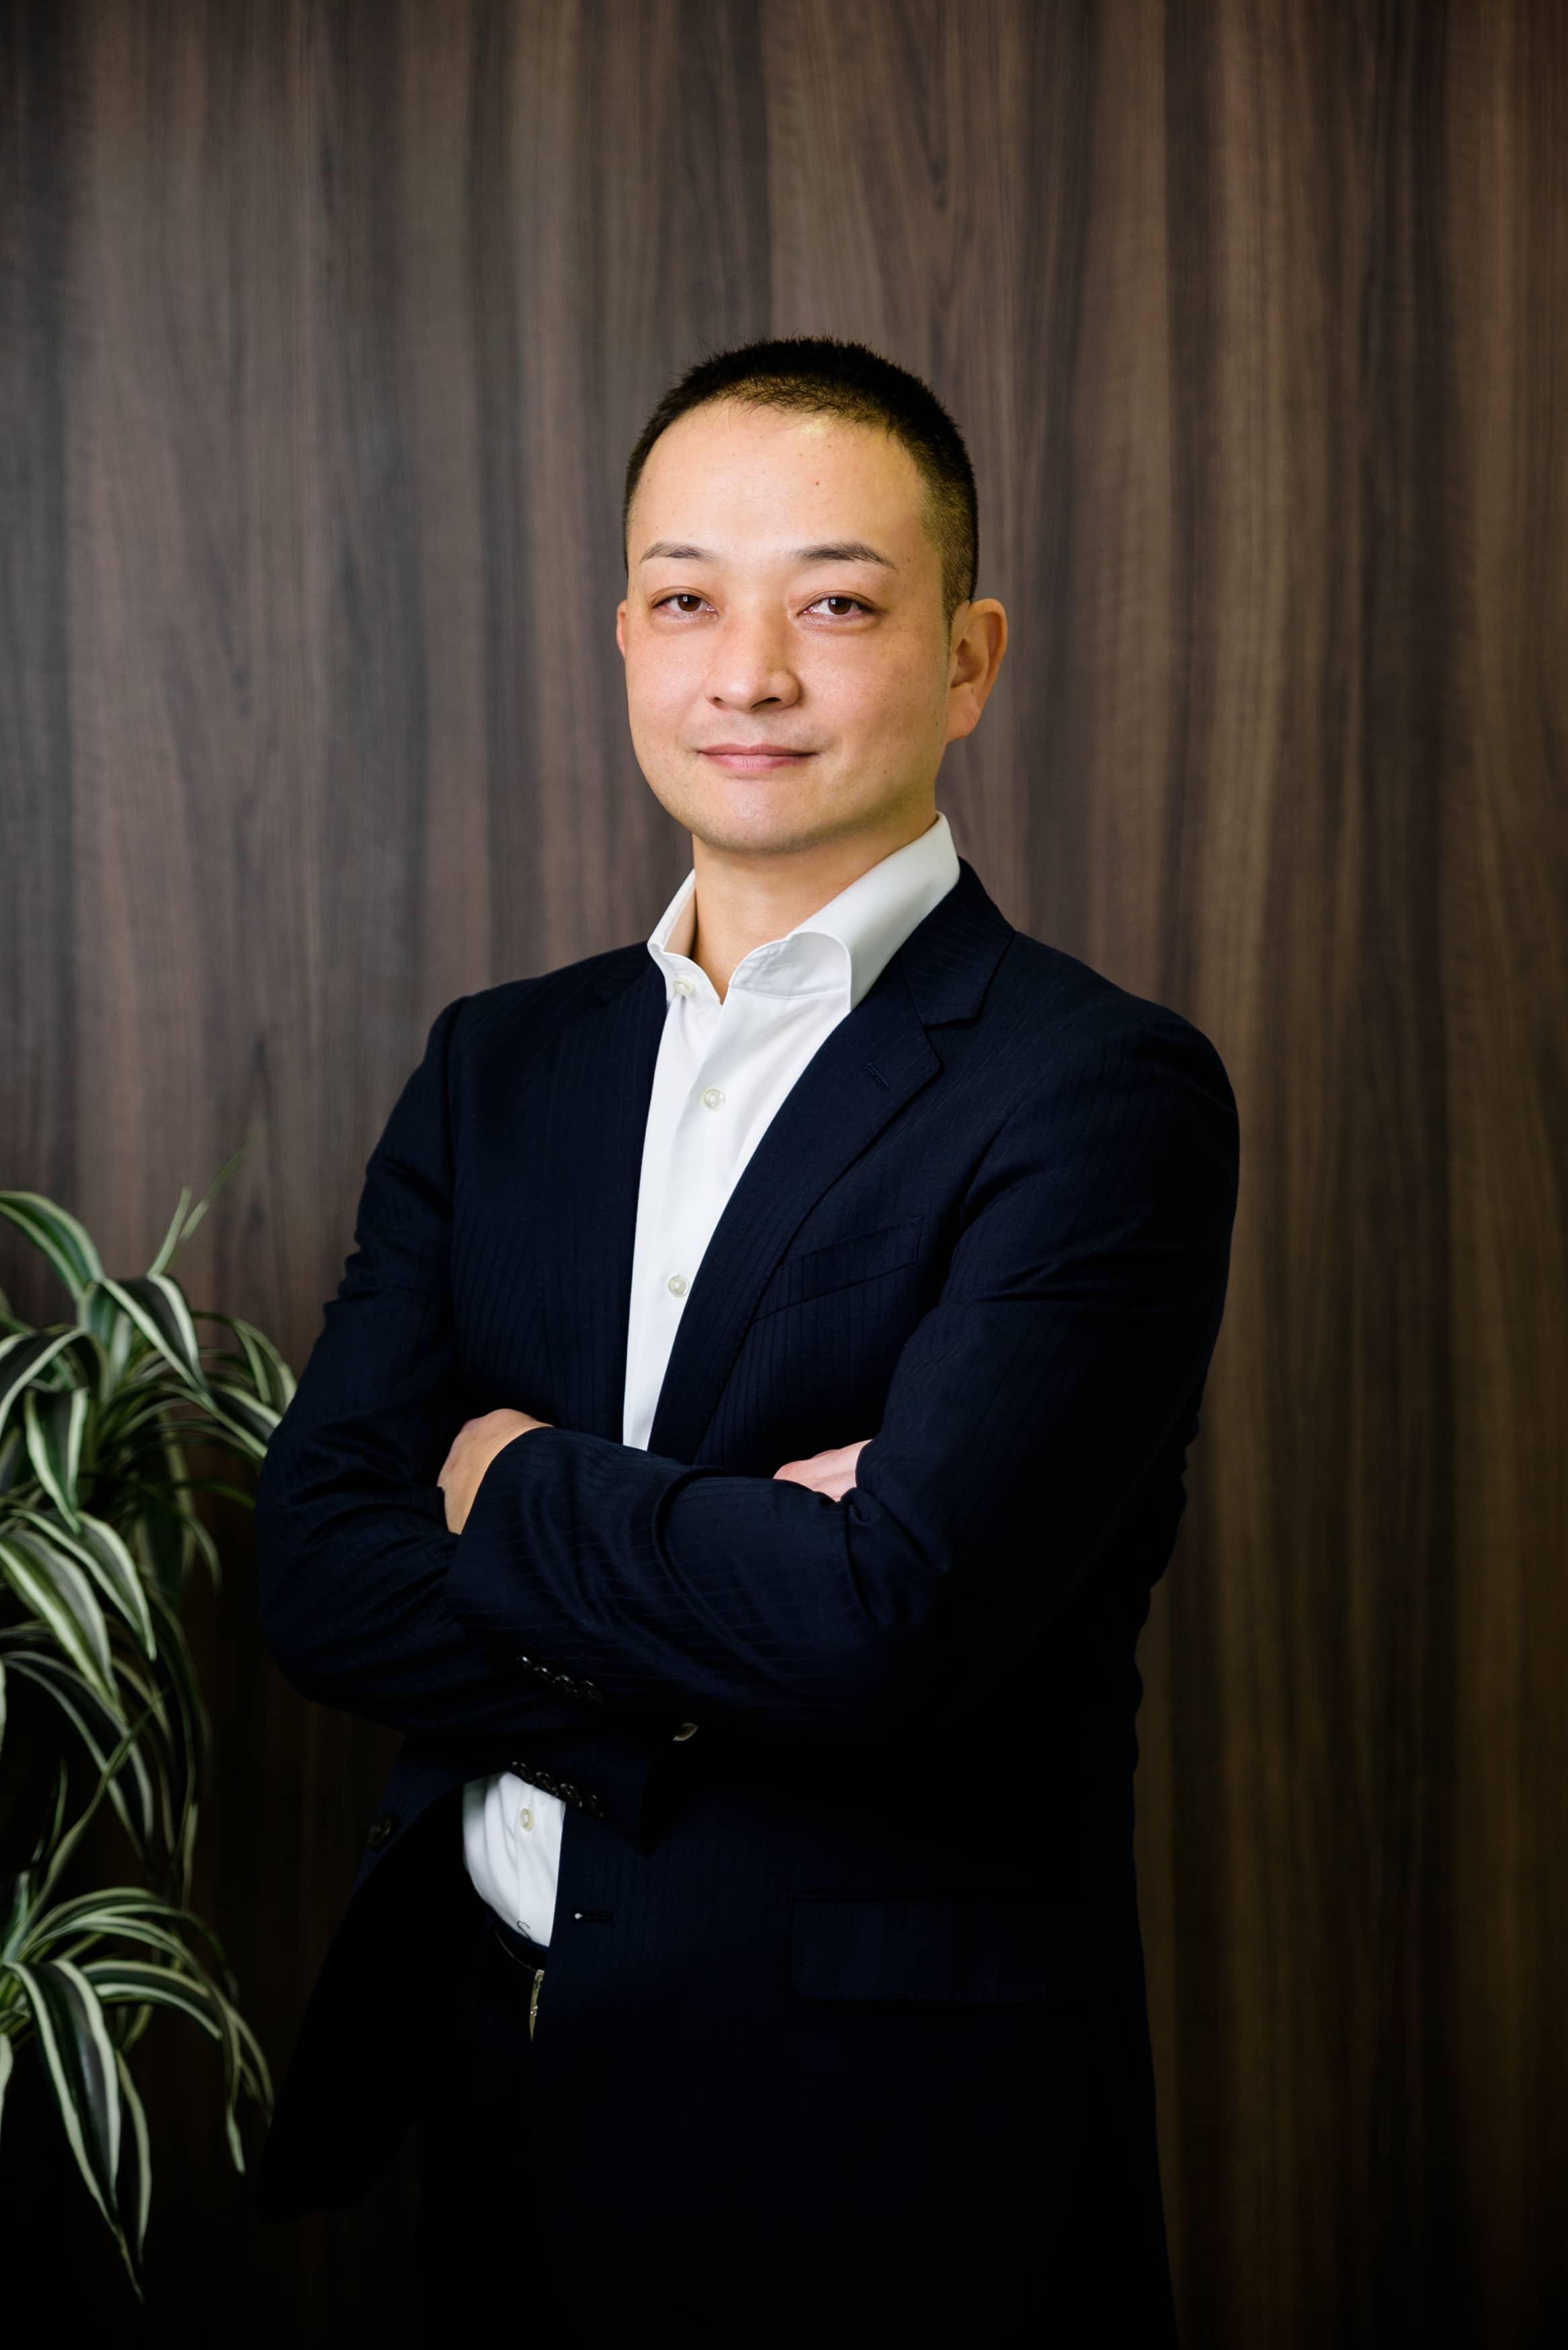 株式会社シーオン 代表取締役社長 久野 真博